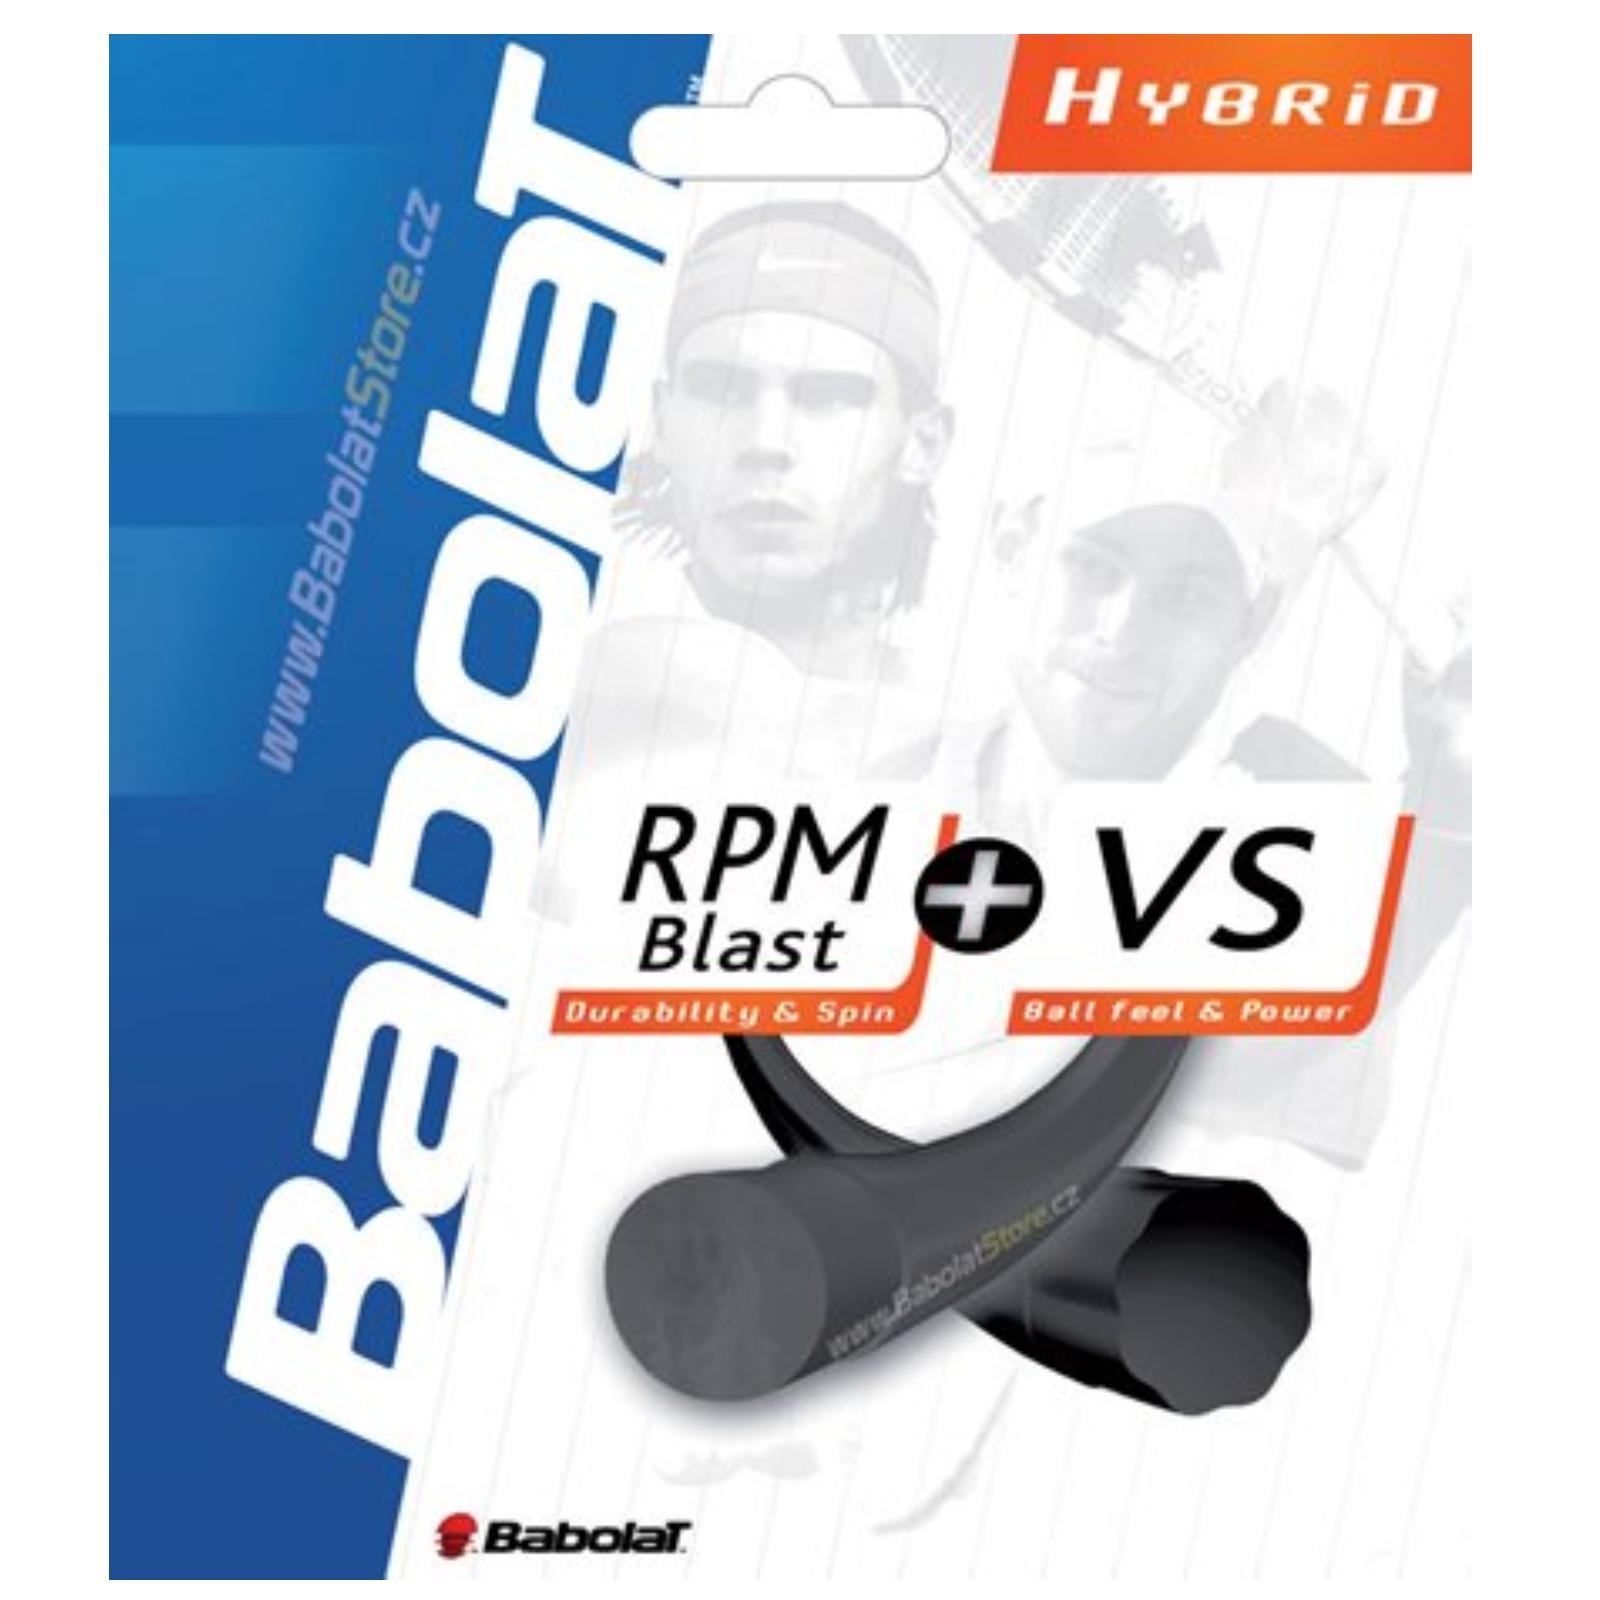 Tenisový výplet BABOLAT RPM Blast 1,25 + VS